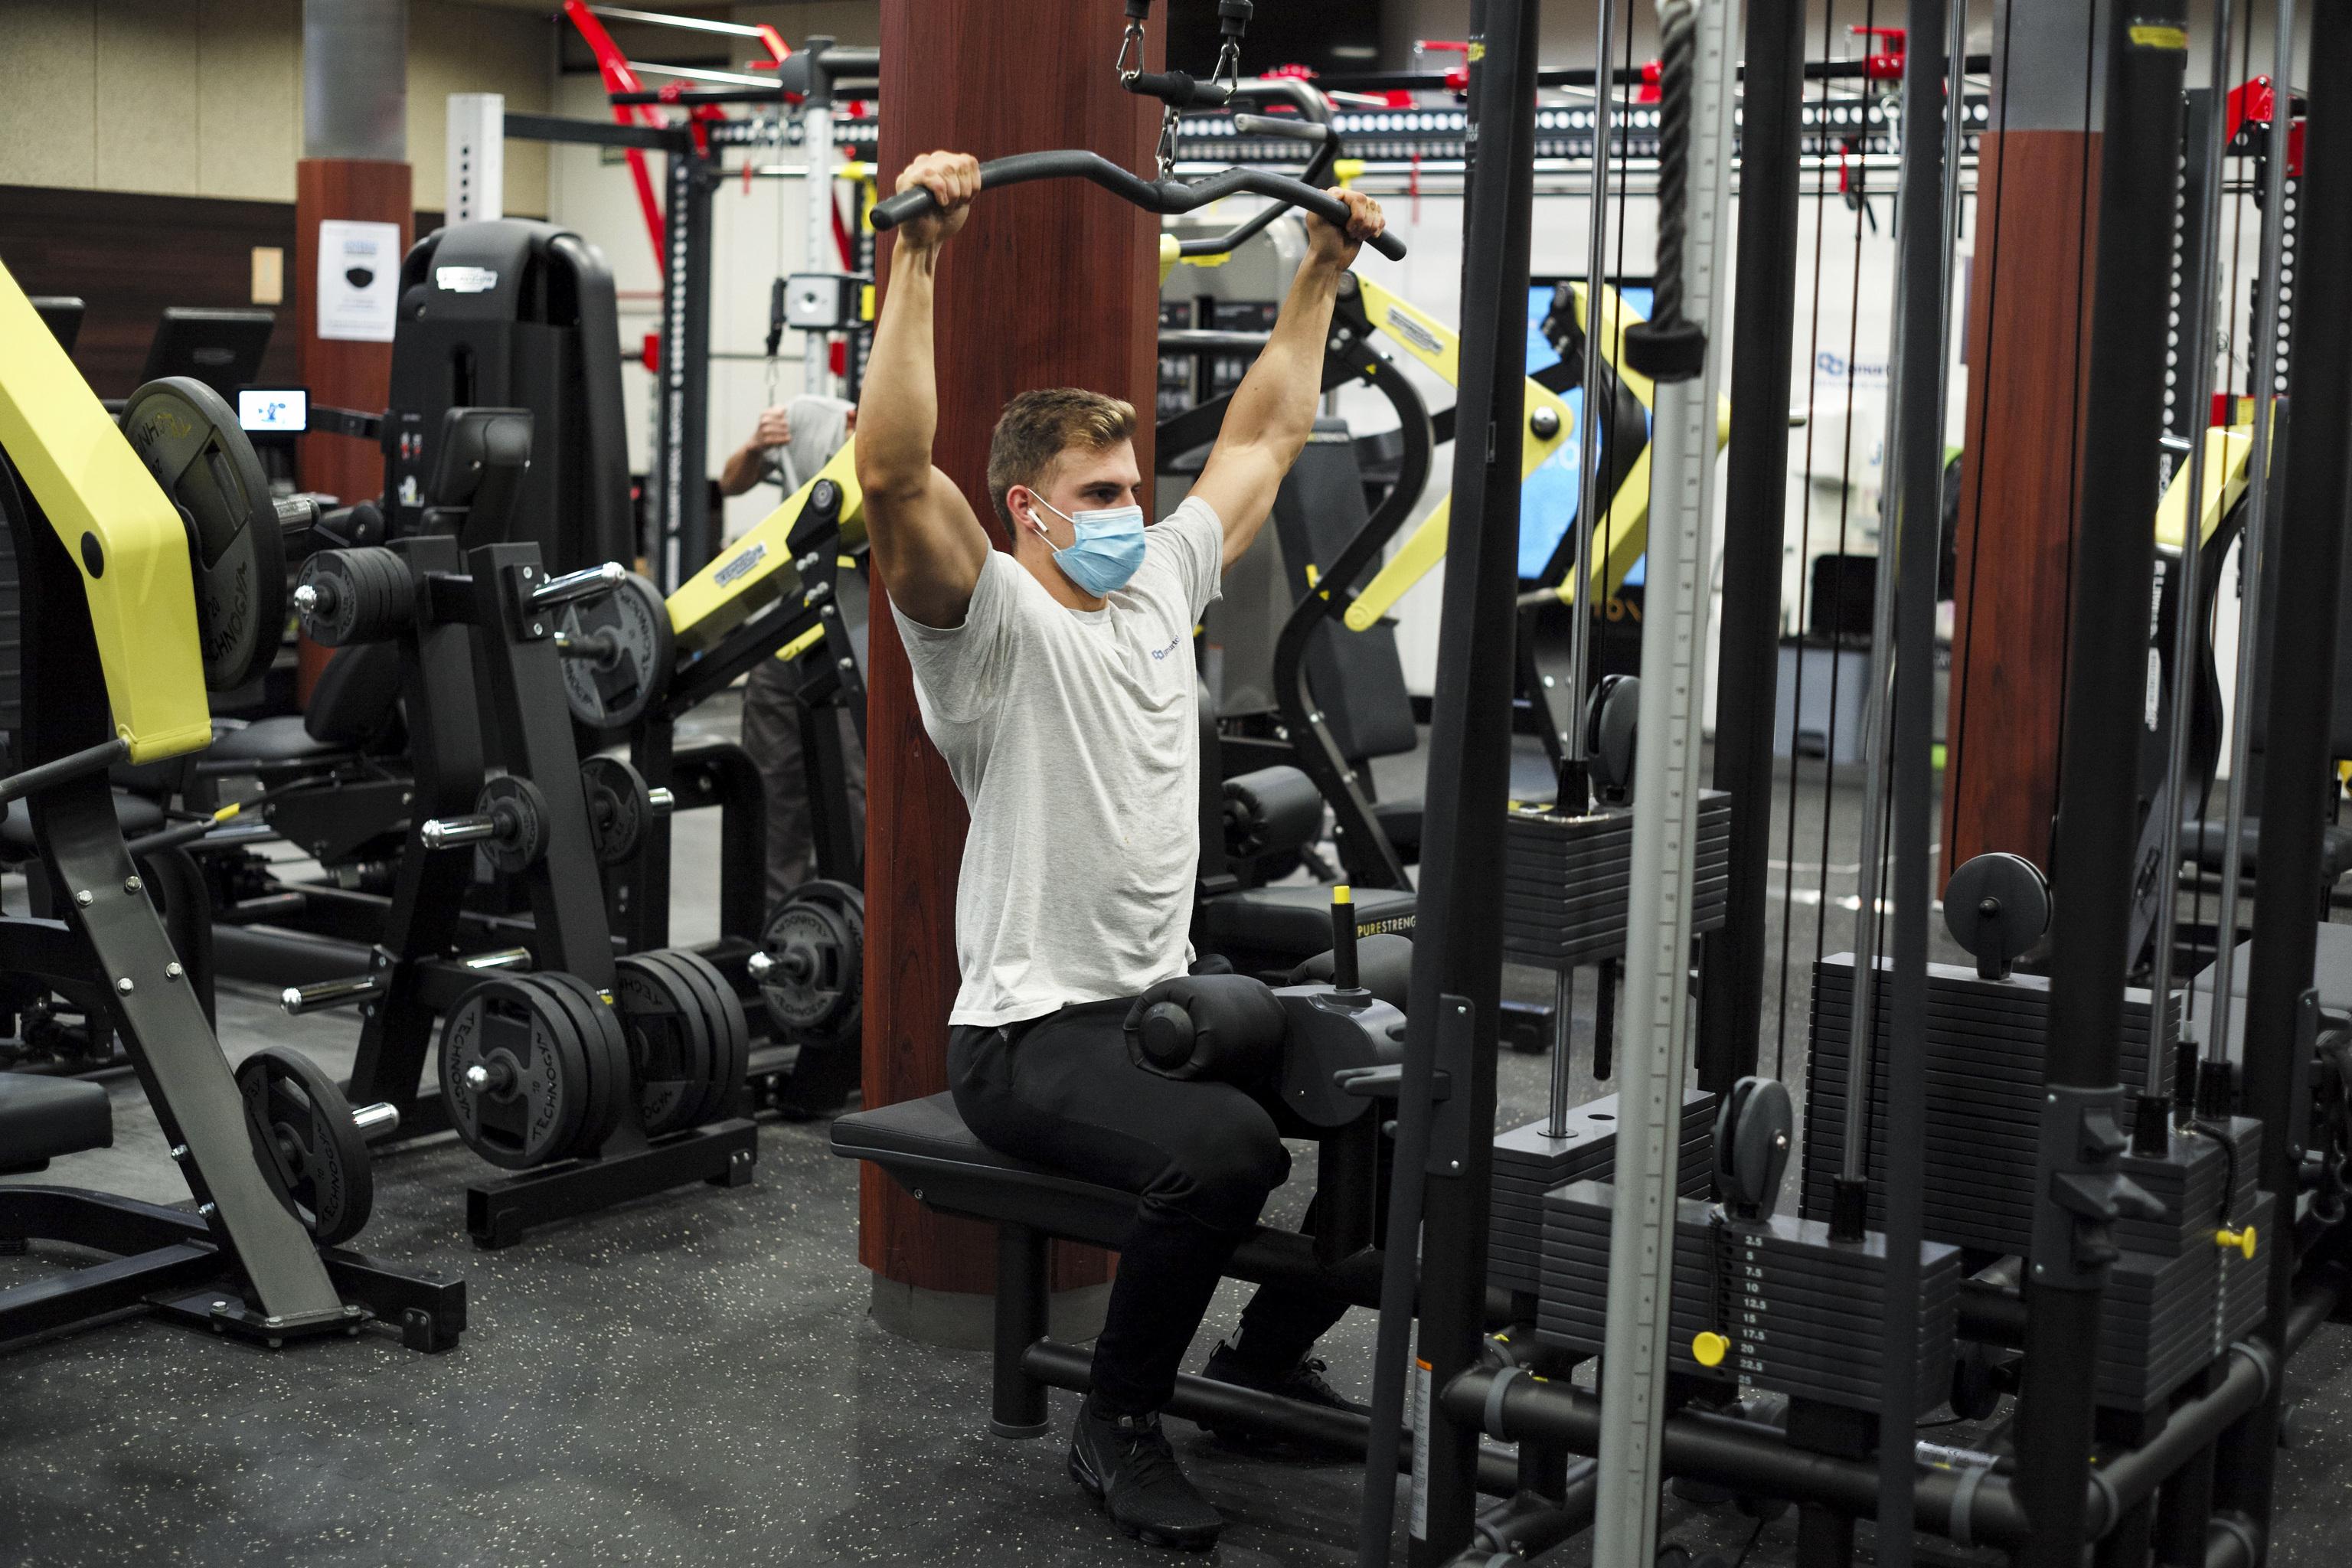 Un hombre entrena en un gimnasio.